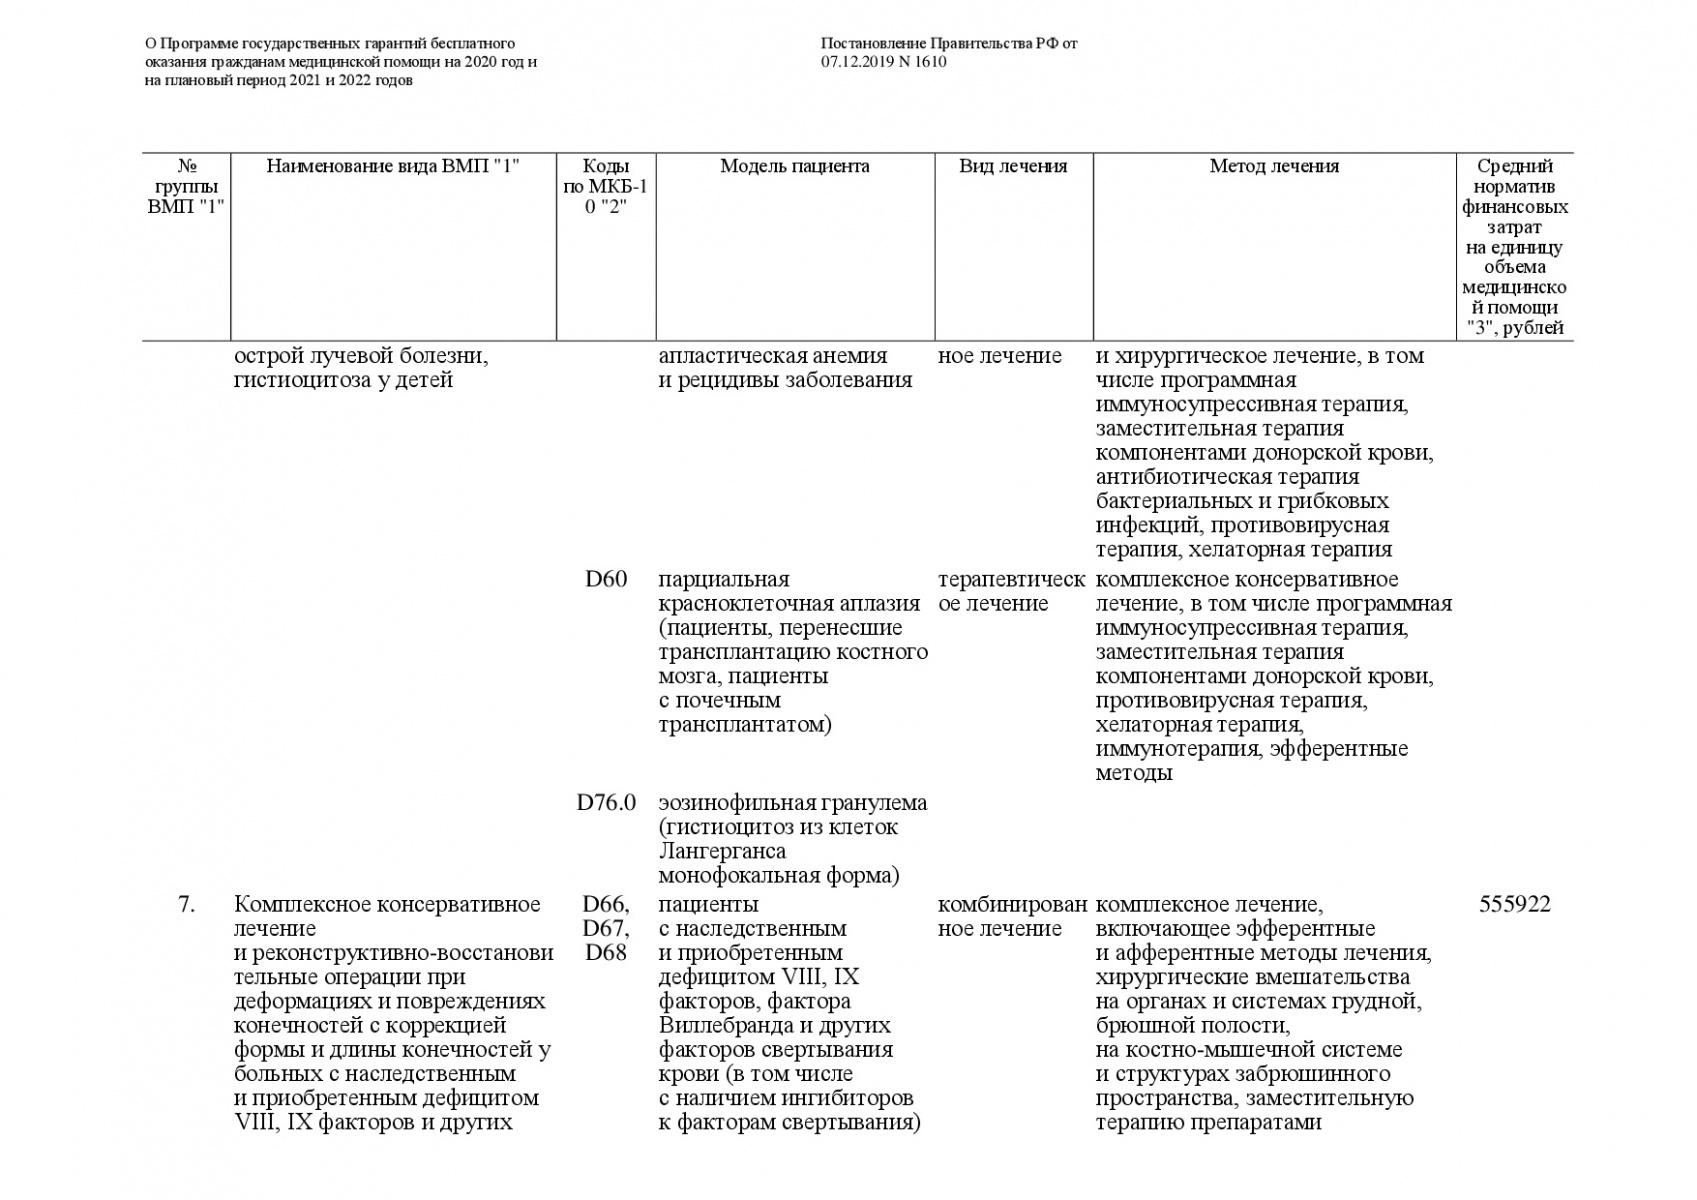 Postanovlenie-Pravitelstva-RF-ot-07_12_2019-1610-O-PGG-147